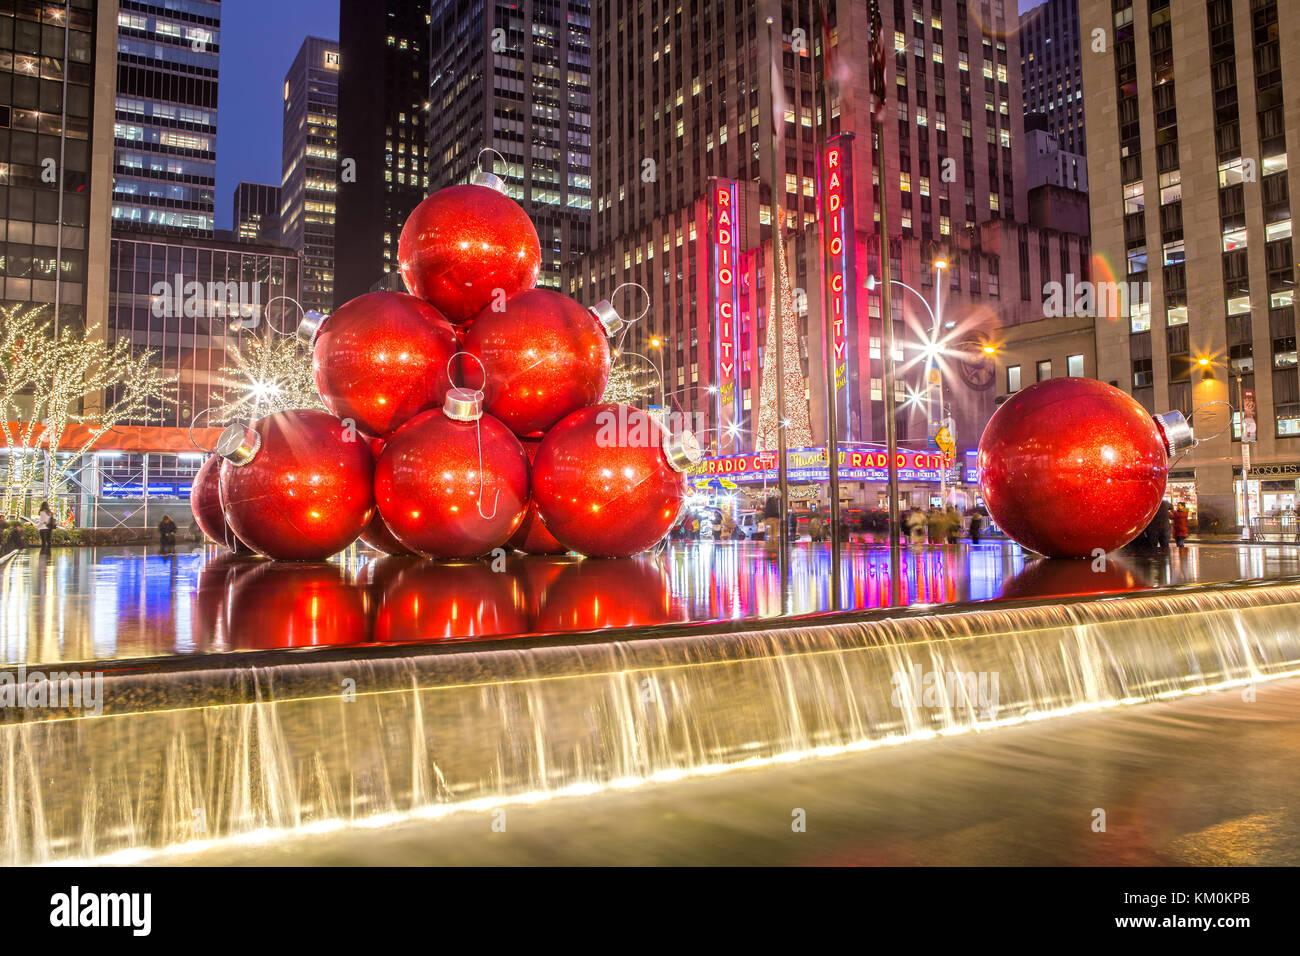 Decoración de Navidad en Midtown, Manhattan, Ciudad de Nueva York Imagen De Stock